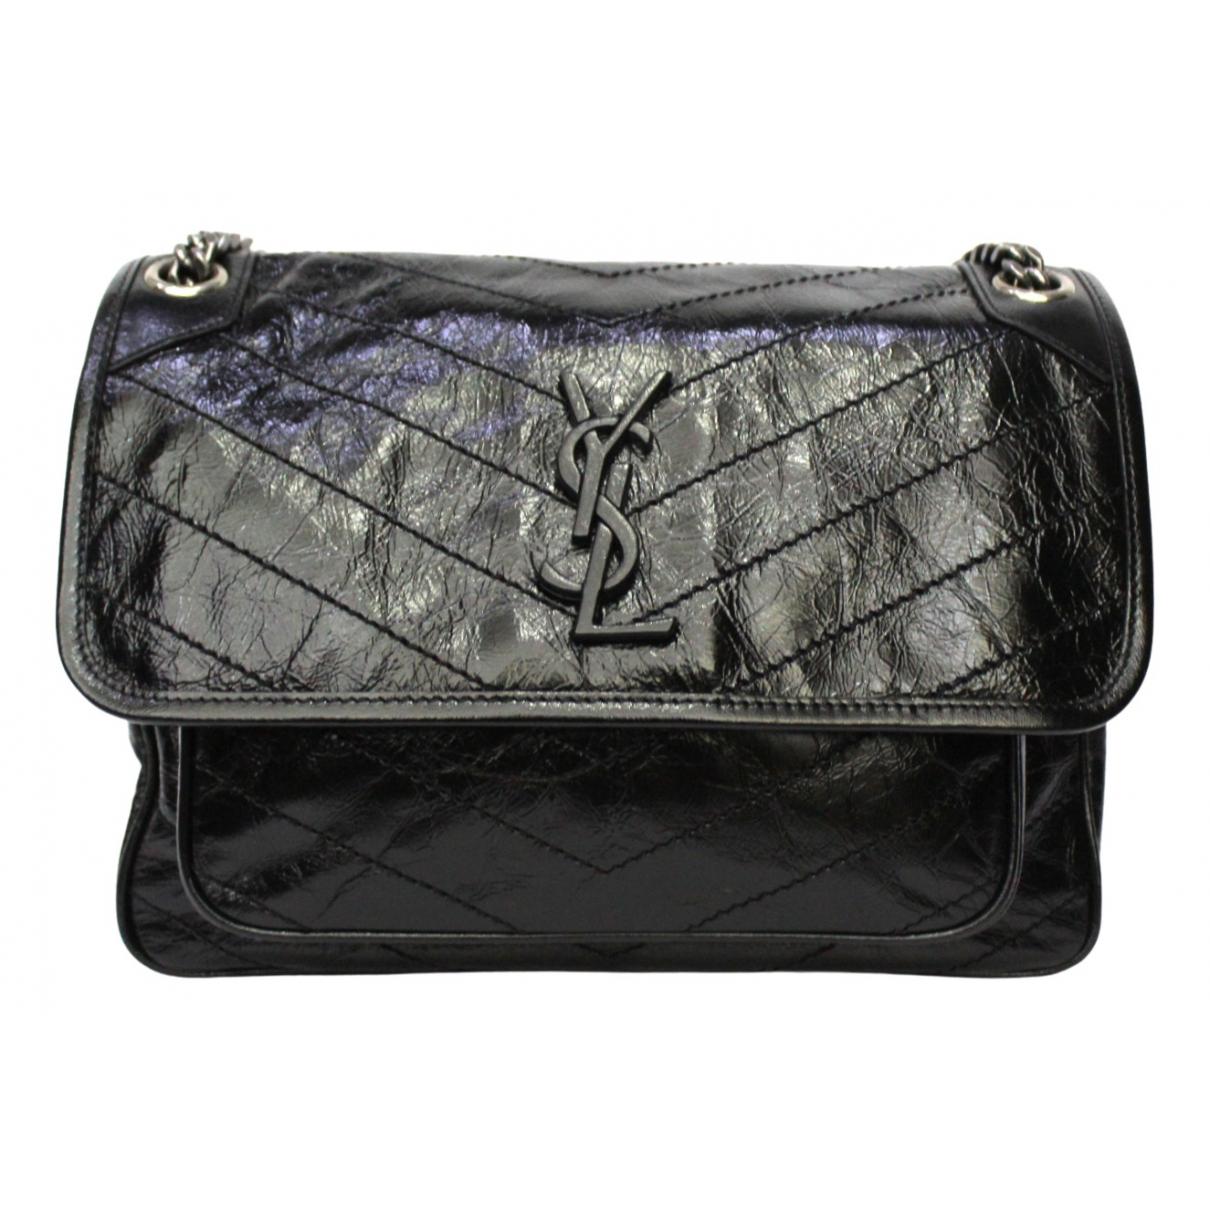 Saint Laurent Niki Black Leather handbag for Women \N